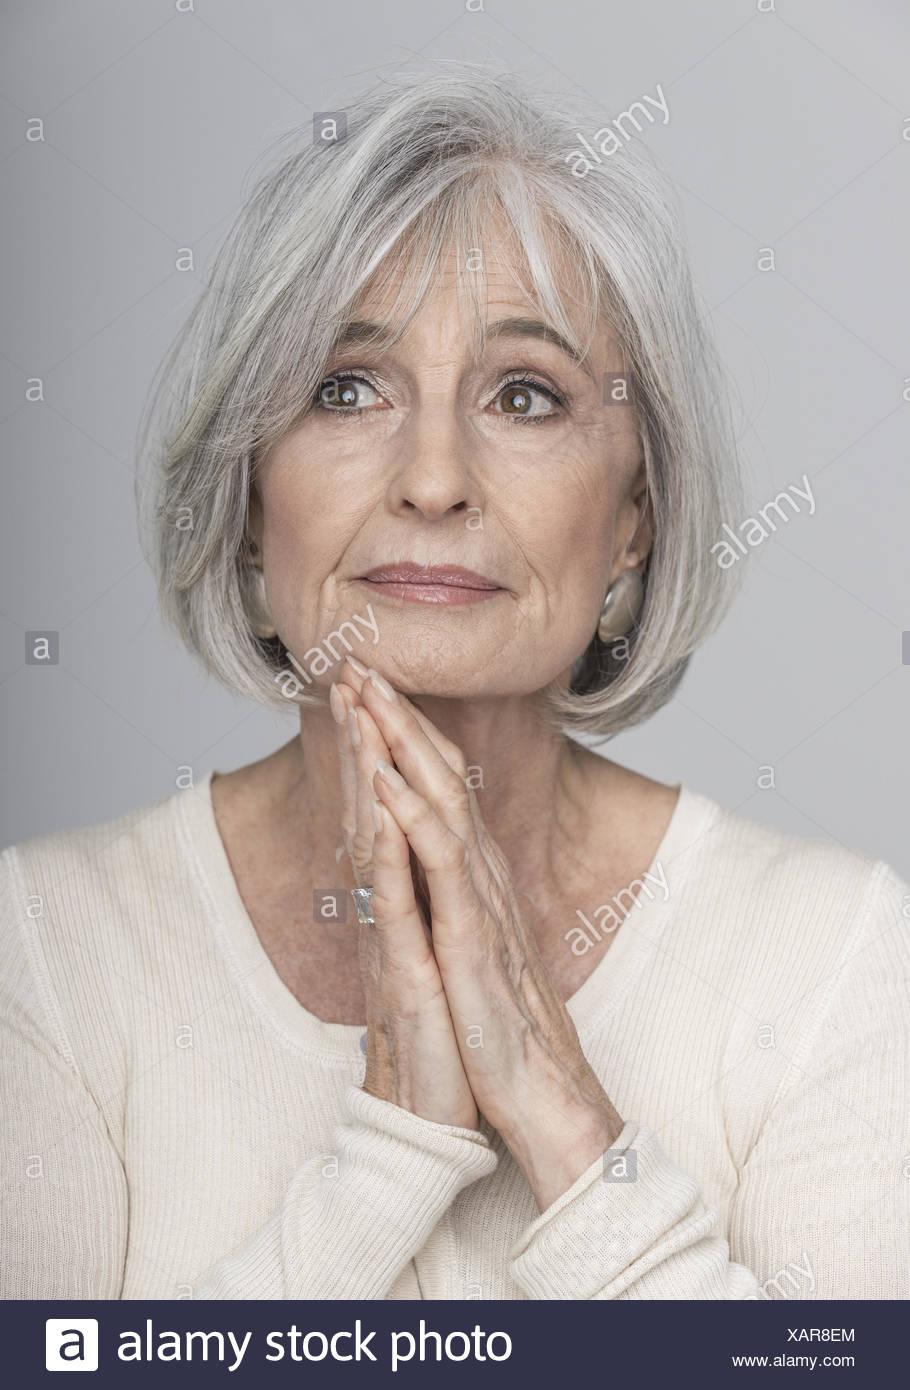 Aeltere Frau Mit Schönsten Haaren Portraet Model Release Stockfoto